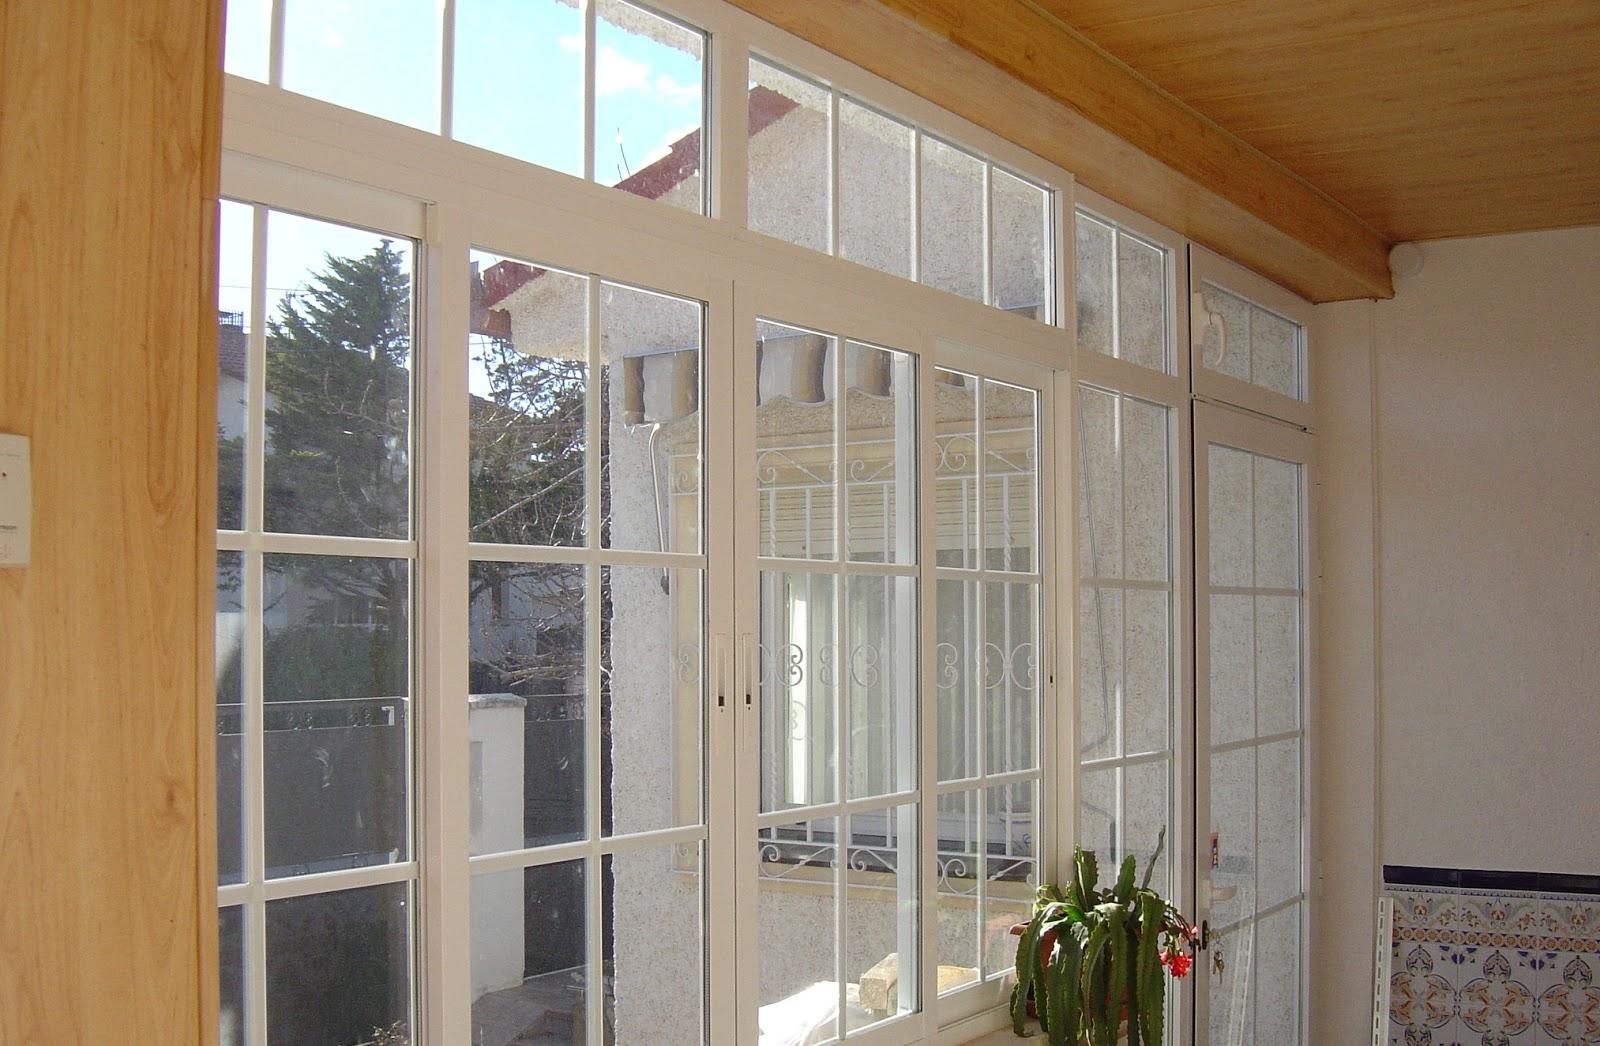 Ventajas del pvc para cerramientos cerramientos en le n - Cerramientos de aluminio para porches ...